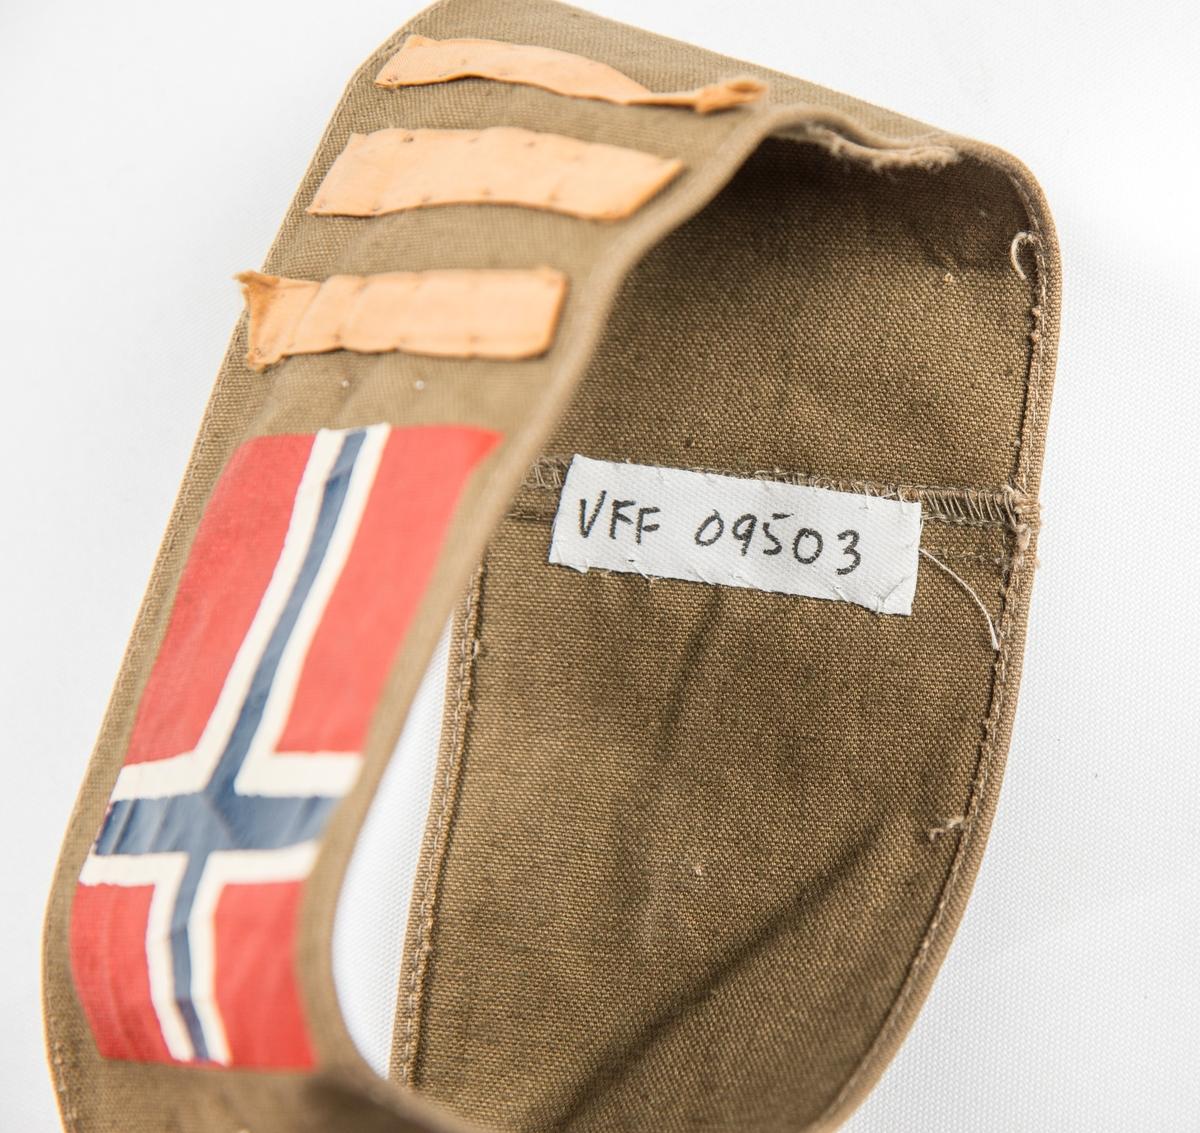 Armbind (Kaptein) i brunt bomullstøy. Påtrykt det norske flagget og påsydd tre tynne gule striper. Var sett på ermet til VFF 09539 Uniformsjakke (med knappenål).